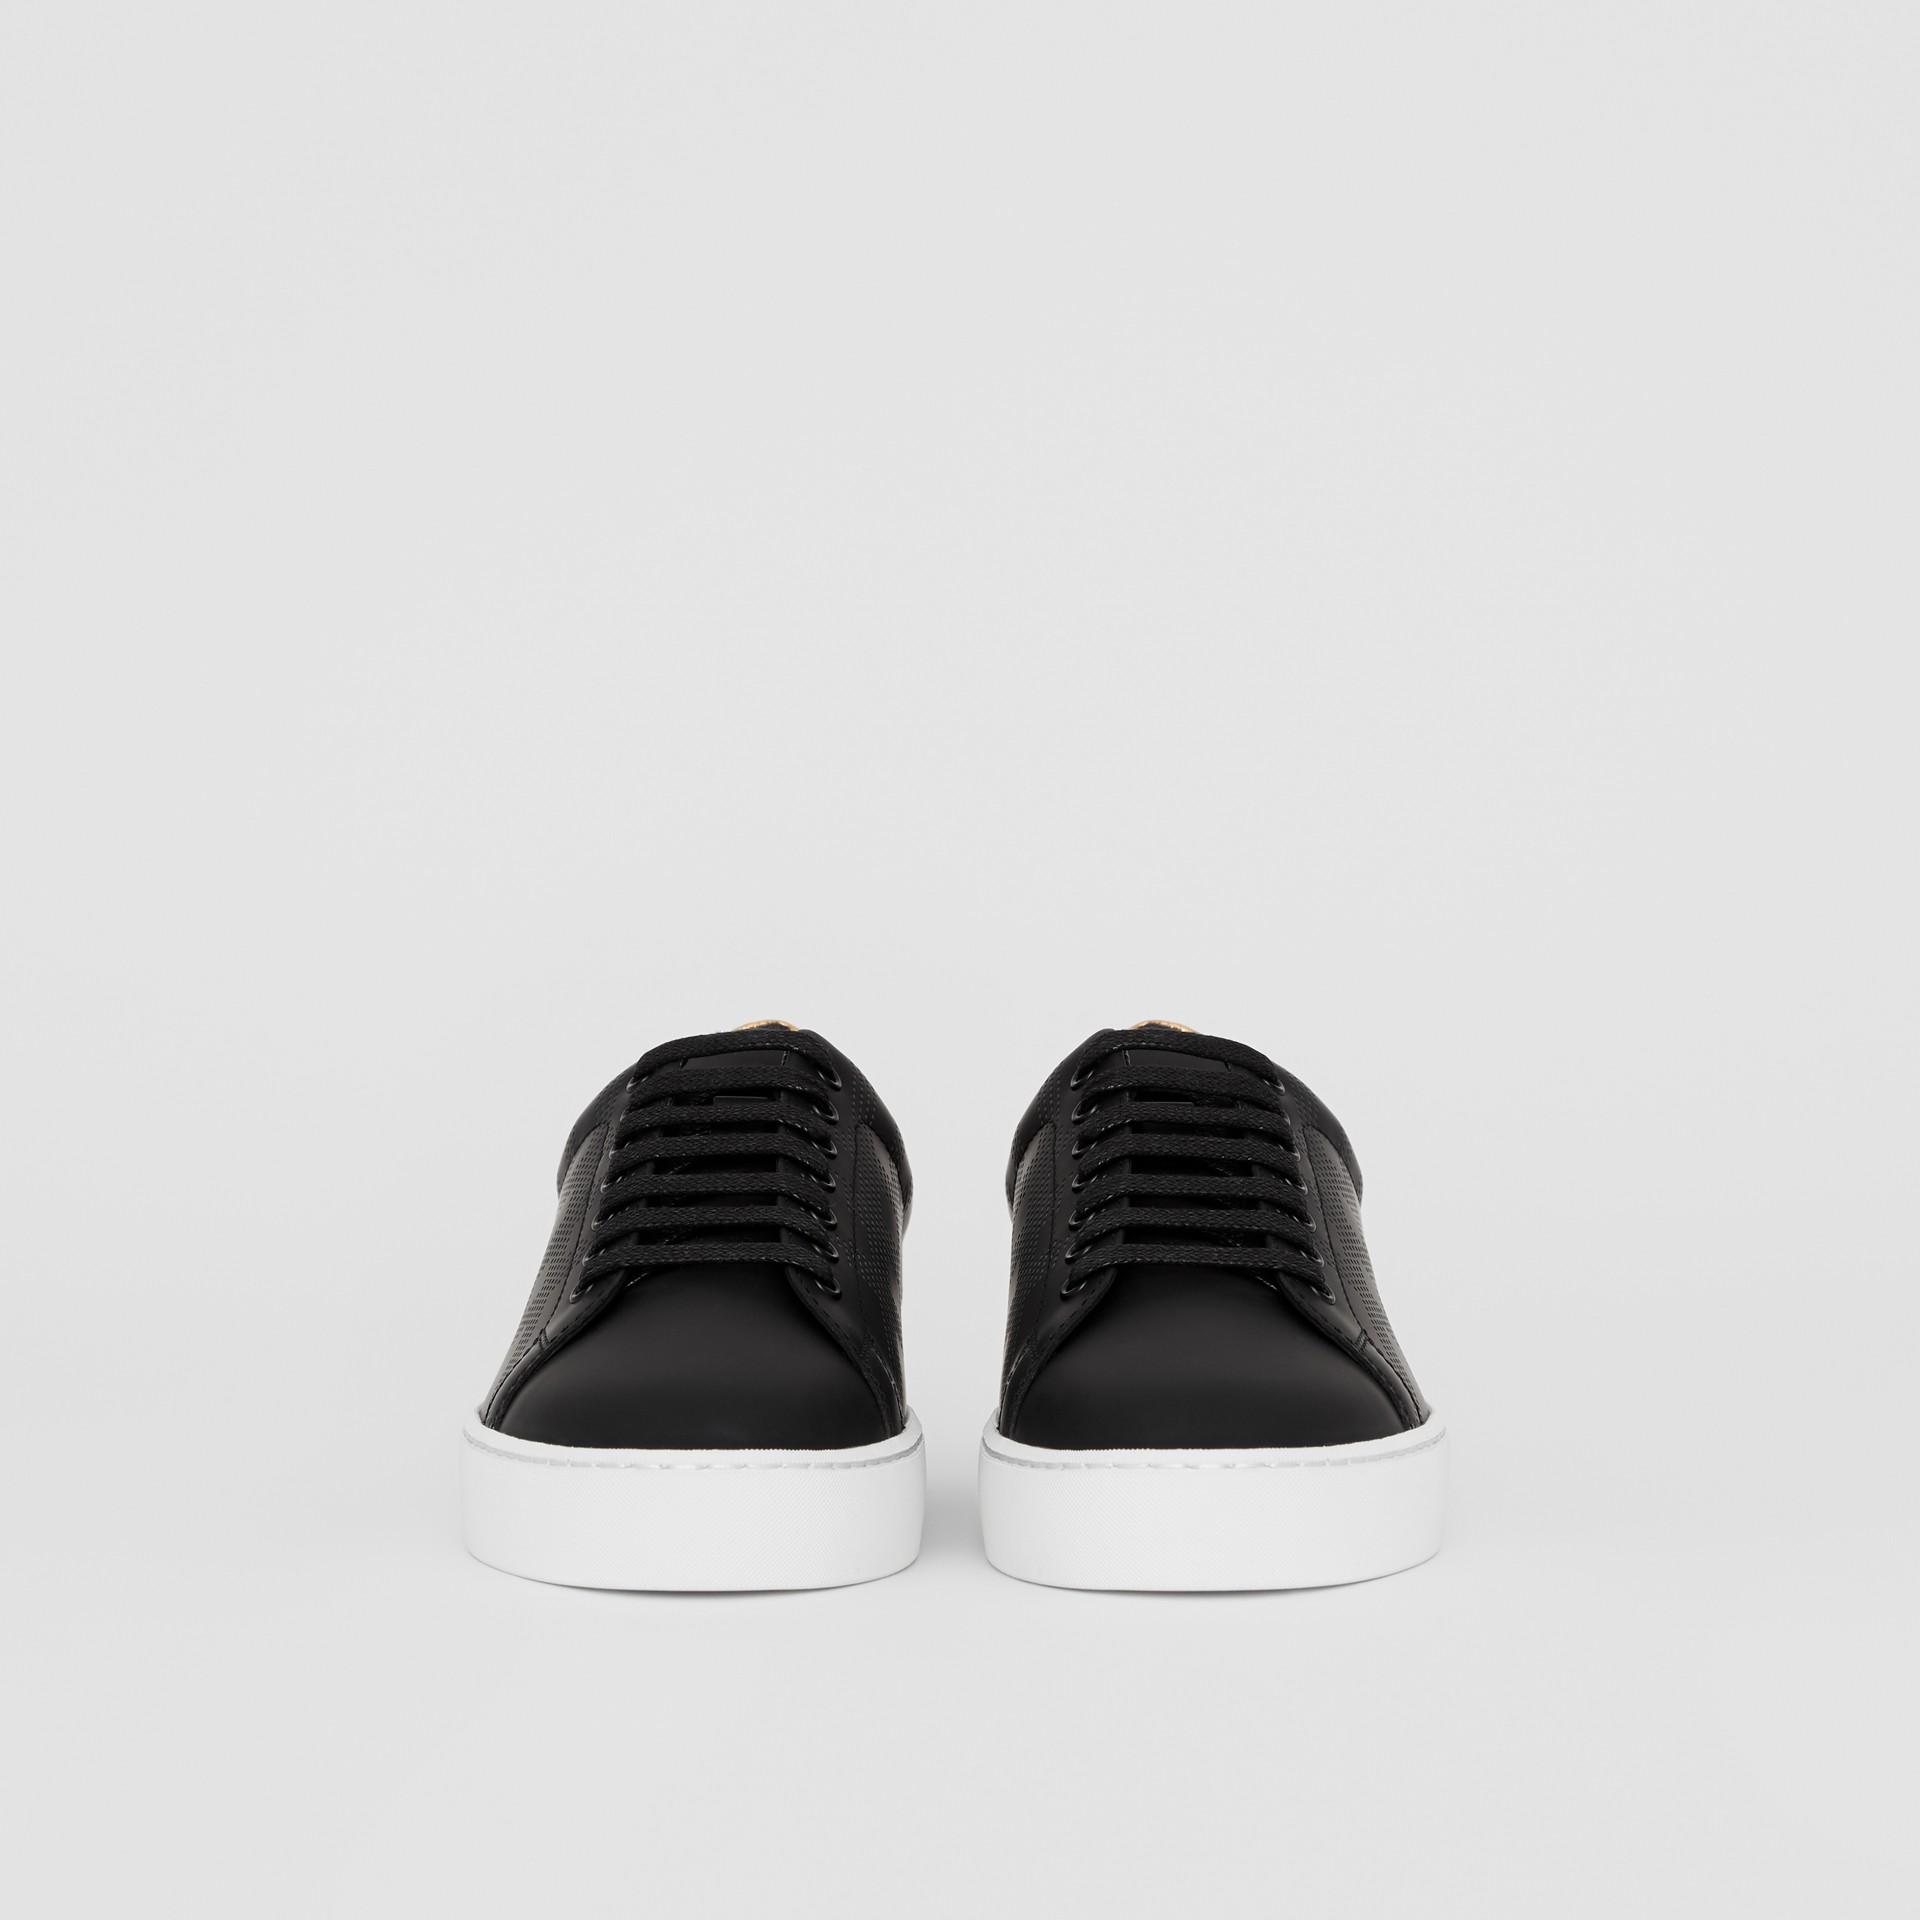 Sneaker in pelle con motivo tartan traforato (Nero) - Donna | Burberry - immagine della galleria 3